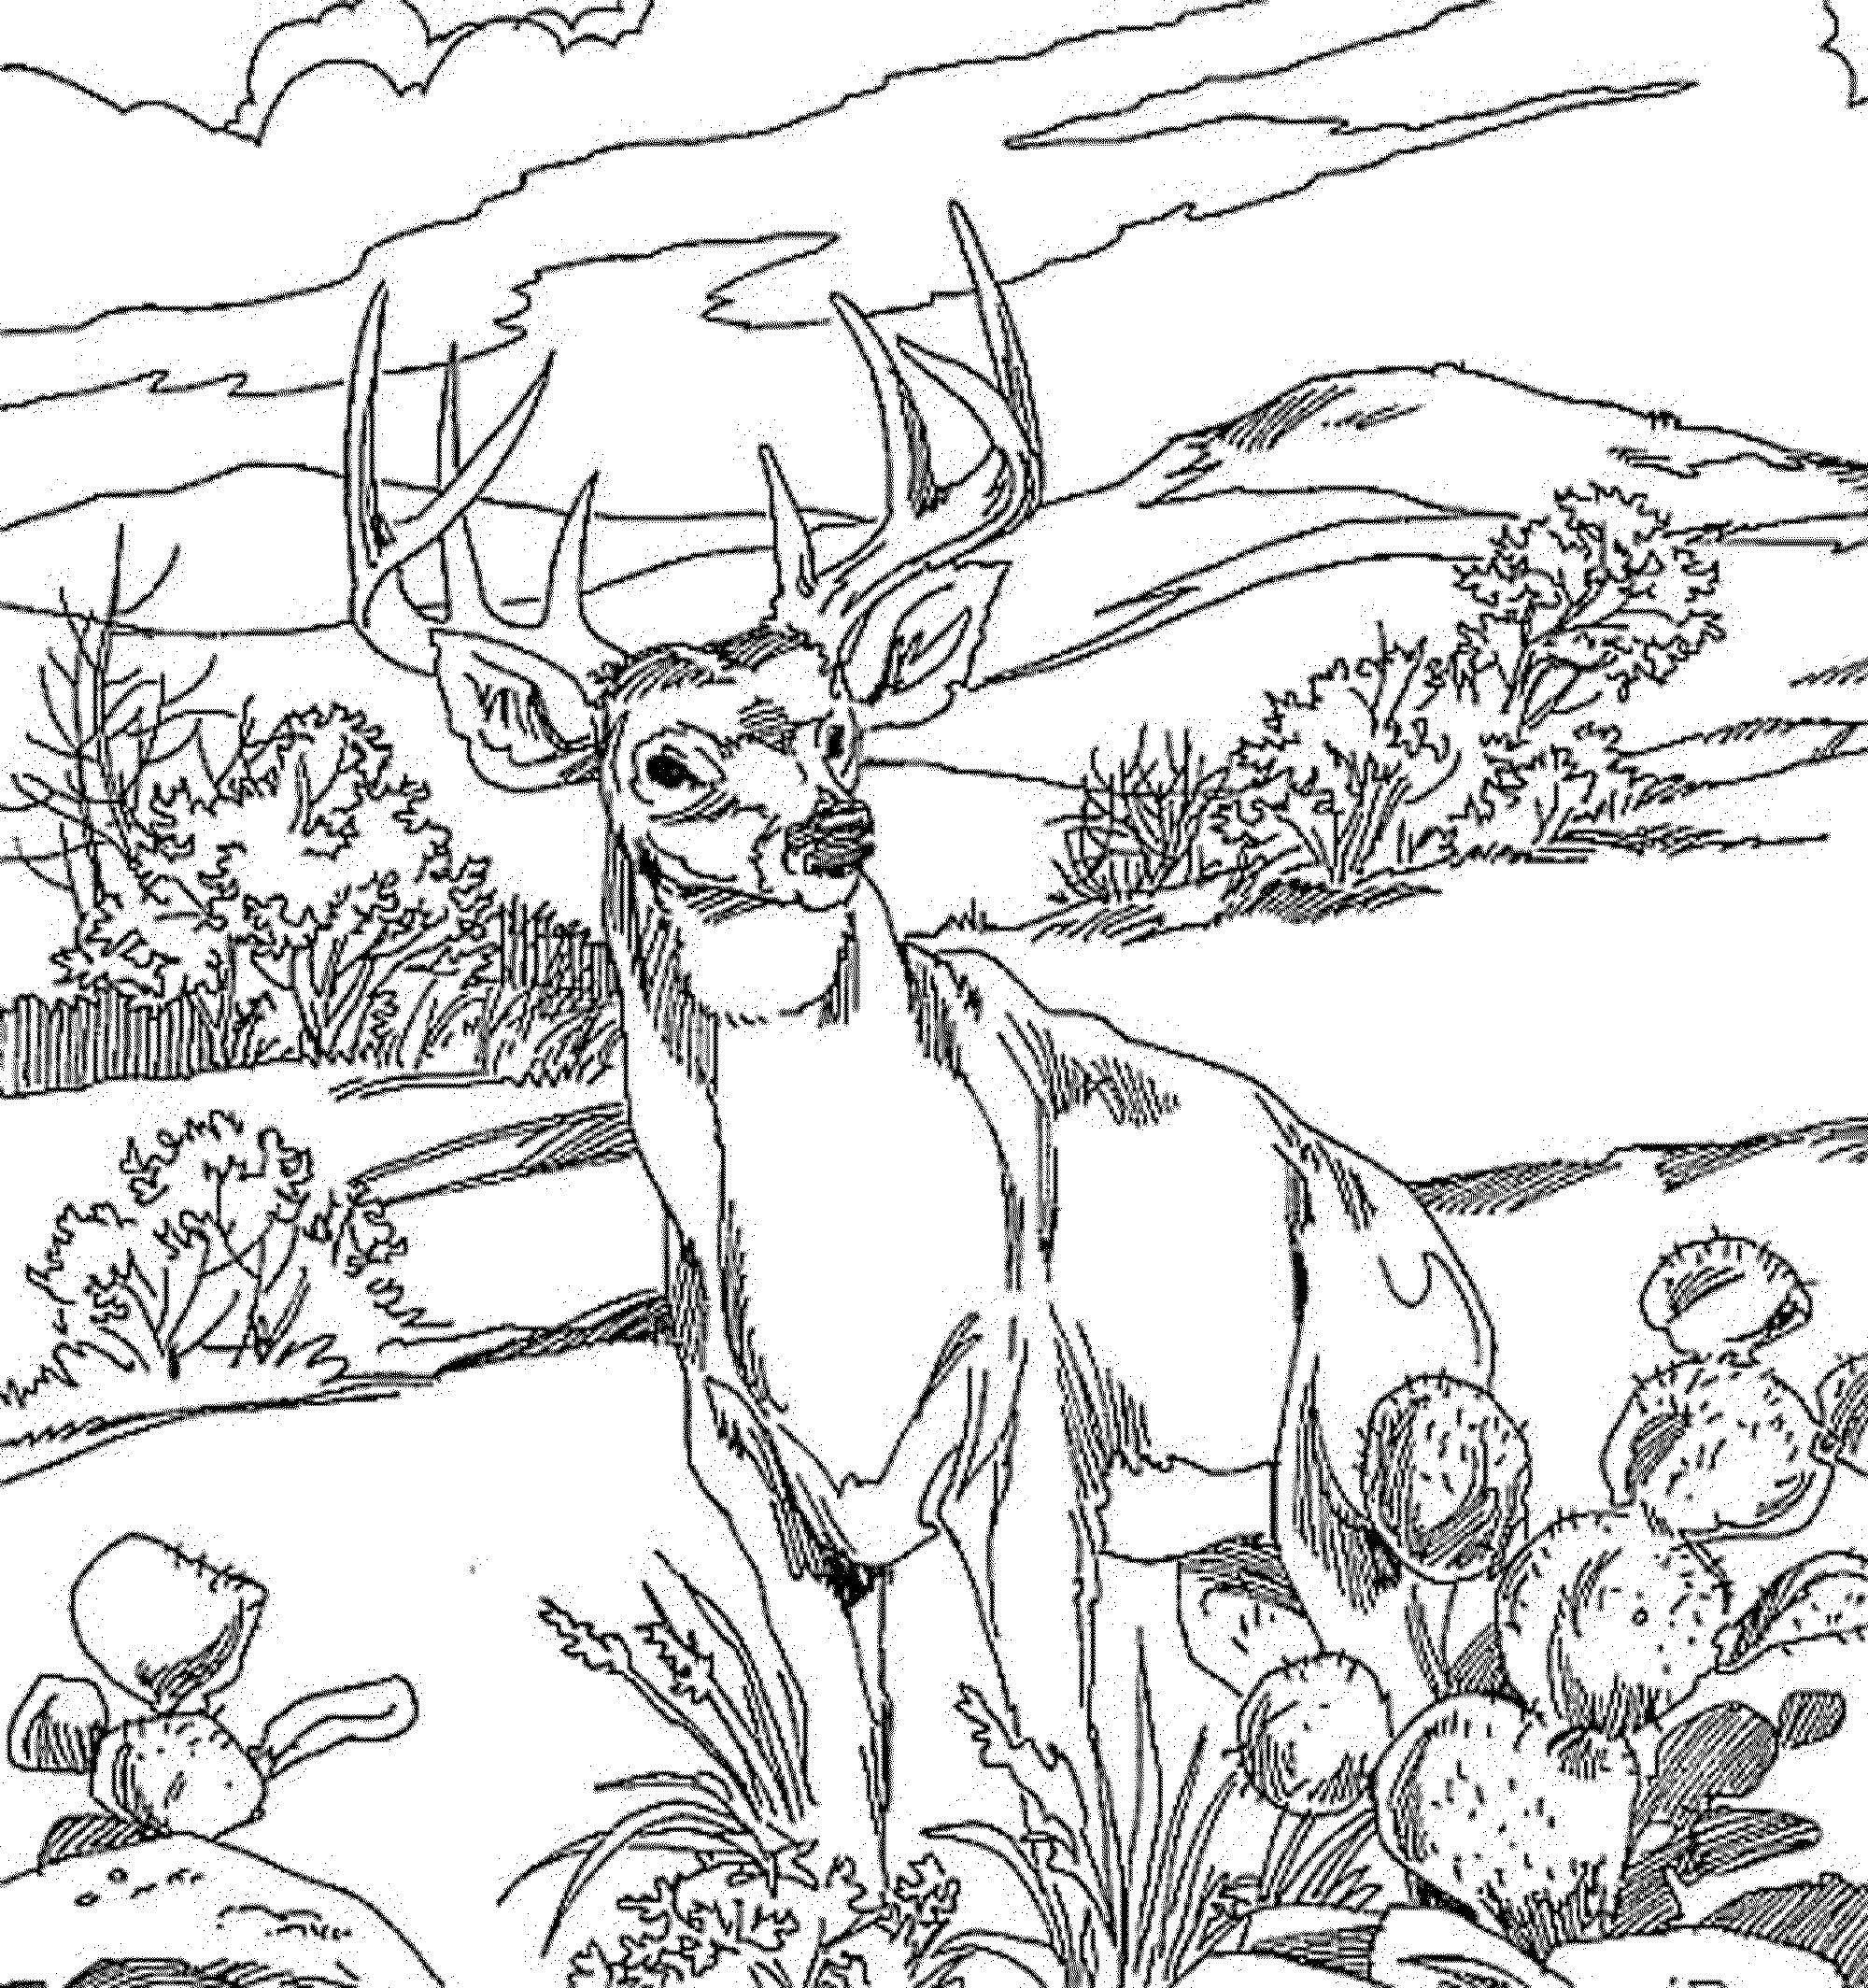 Deciduous Forest Coloring Sheets Deciduous Forest Animals Coloring Deer Coloring Pages Animal Coloring Pages Animal Coloring Books